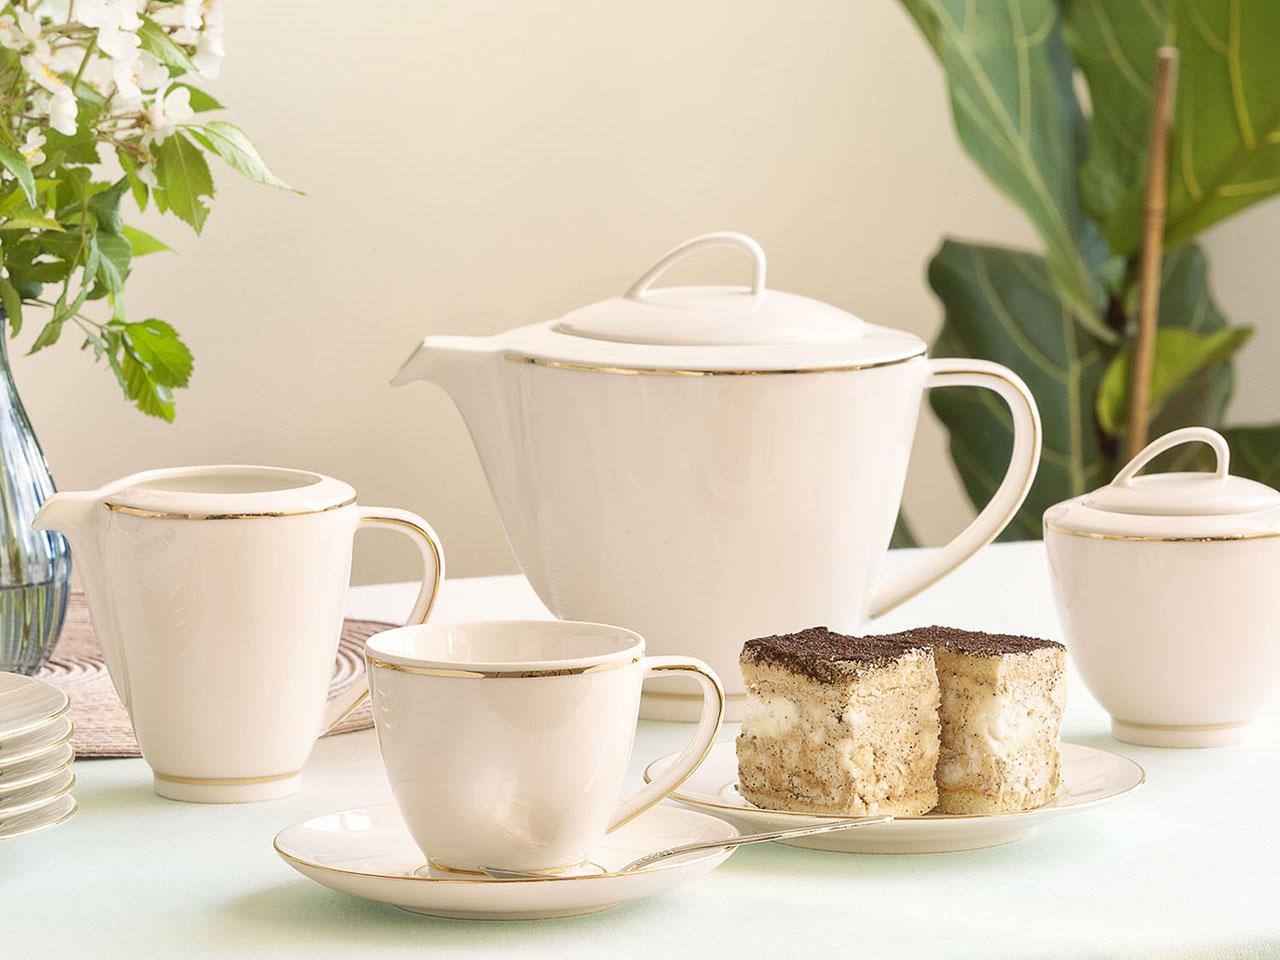 Serwis / Zestaw kawowy na 6 osób MariaPaula Ecru Nova Złota Linia (21 elementów)